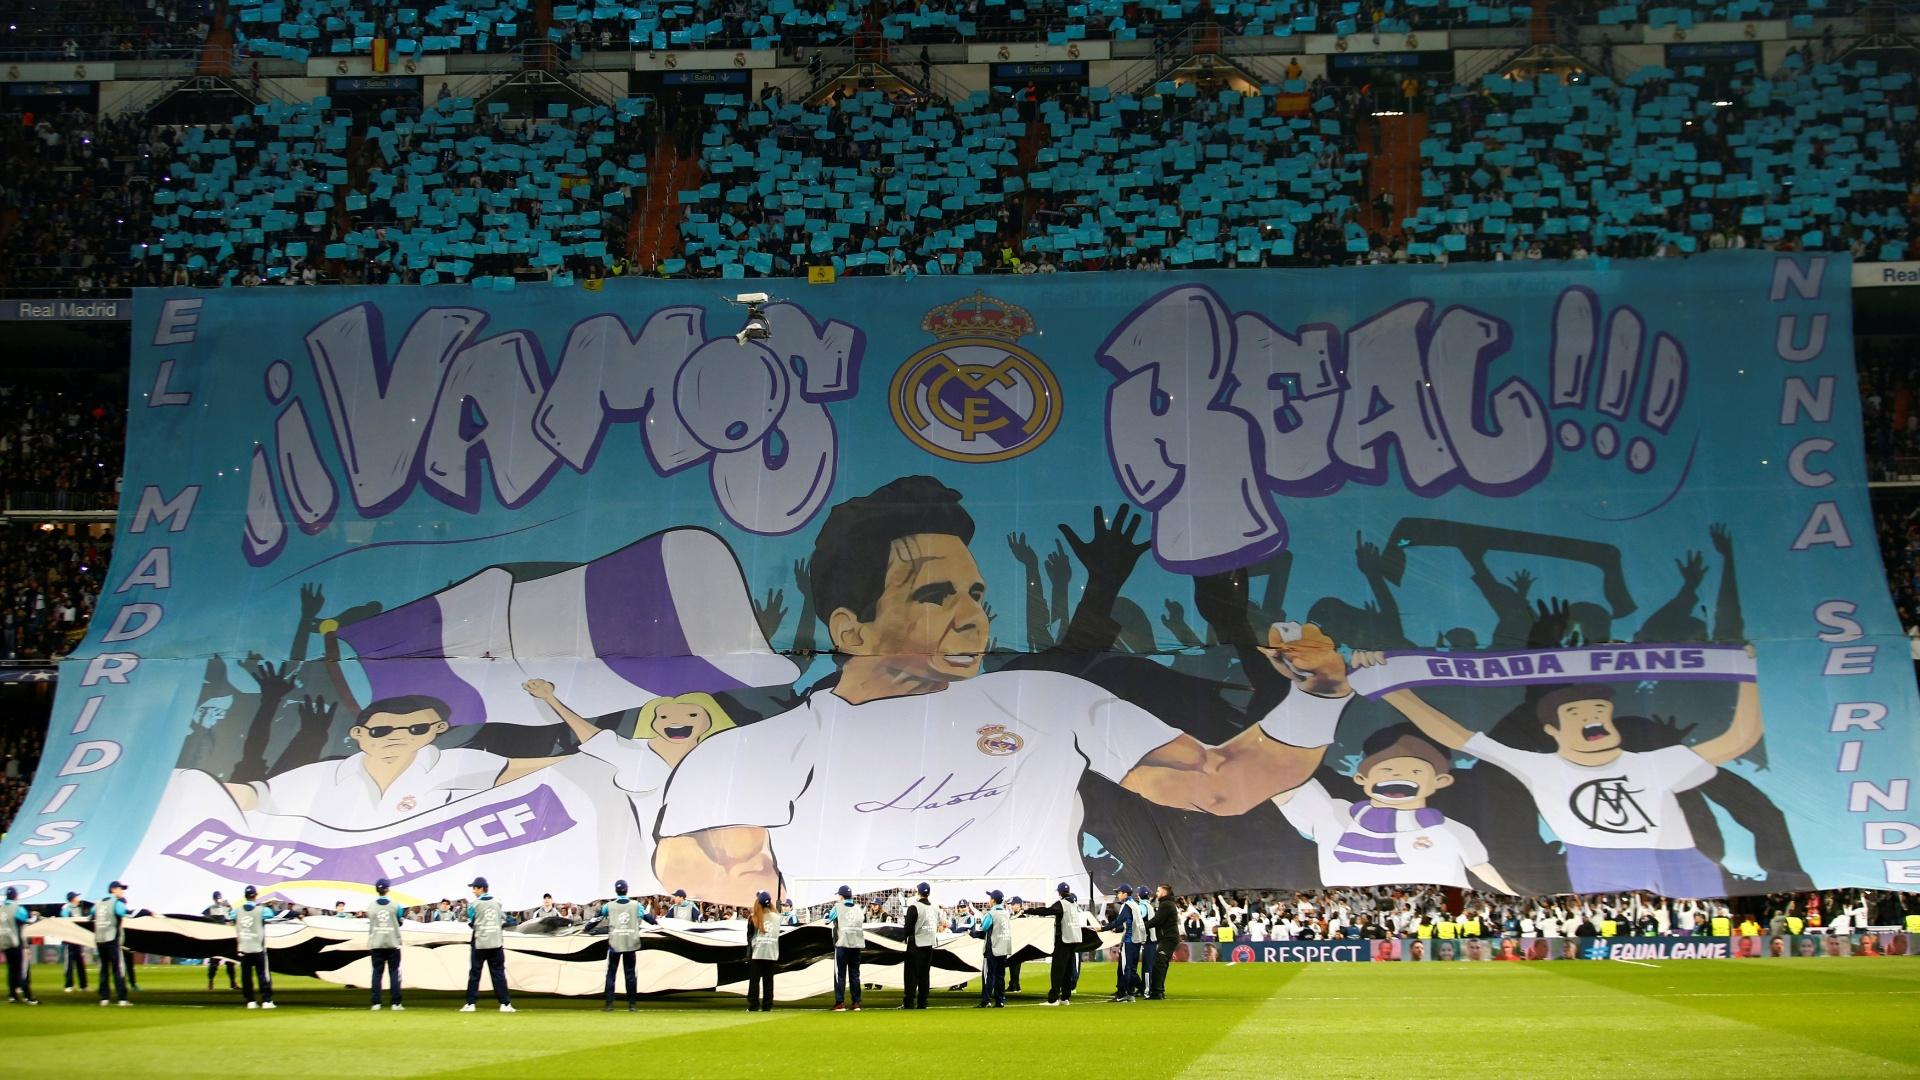 Torcida do Real Madrid exibe bandeirão em homenagem a Rafael Nadal